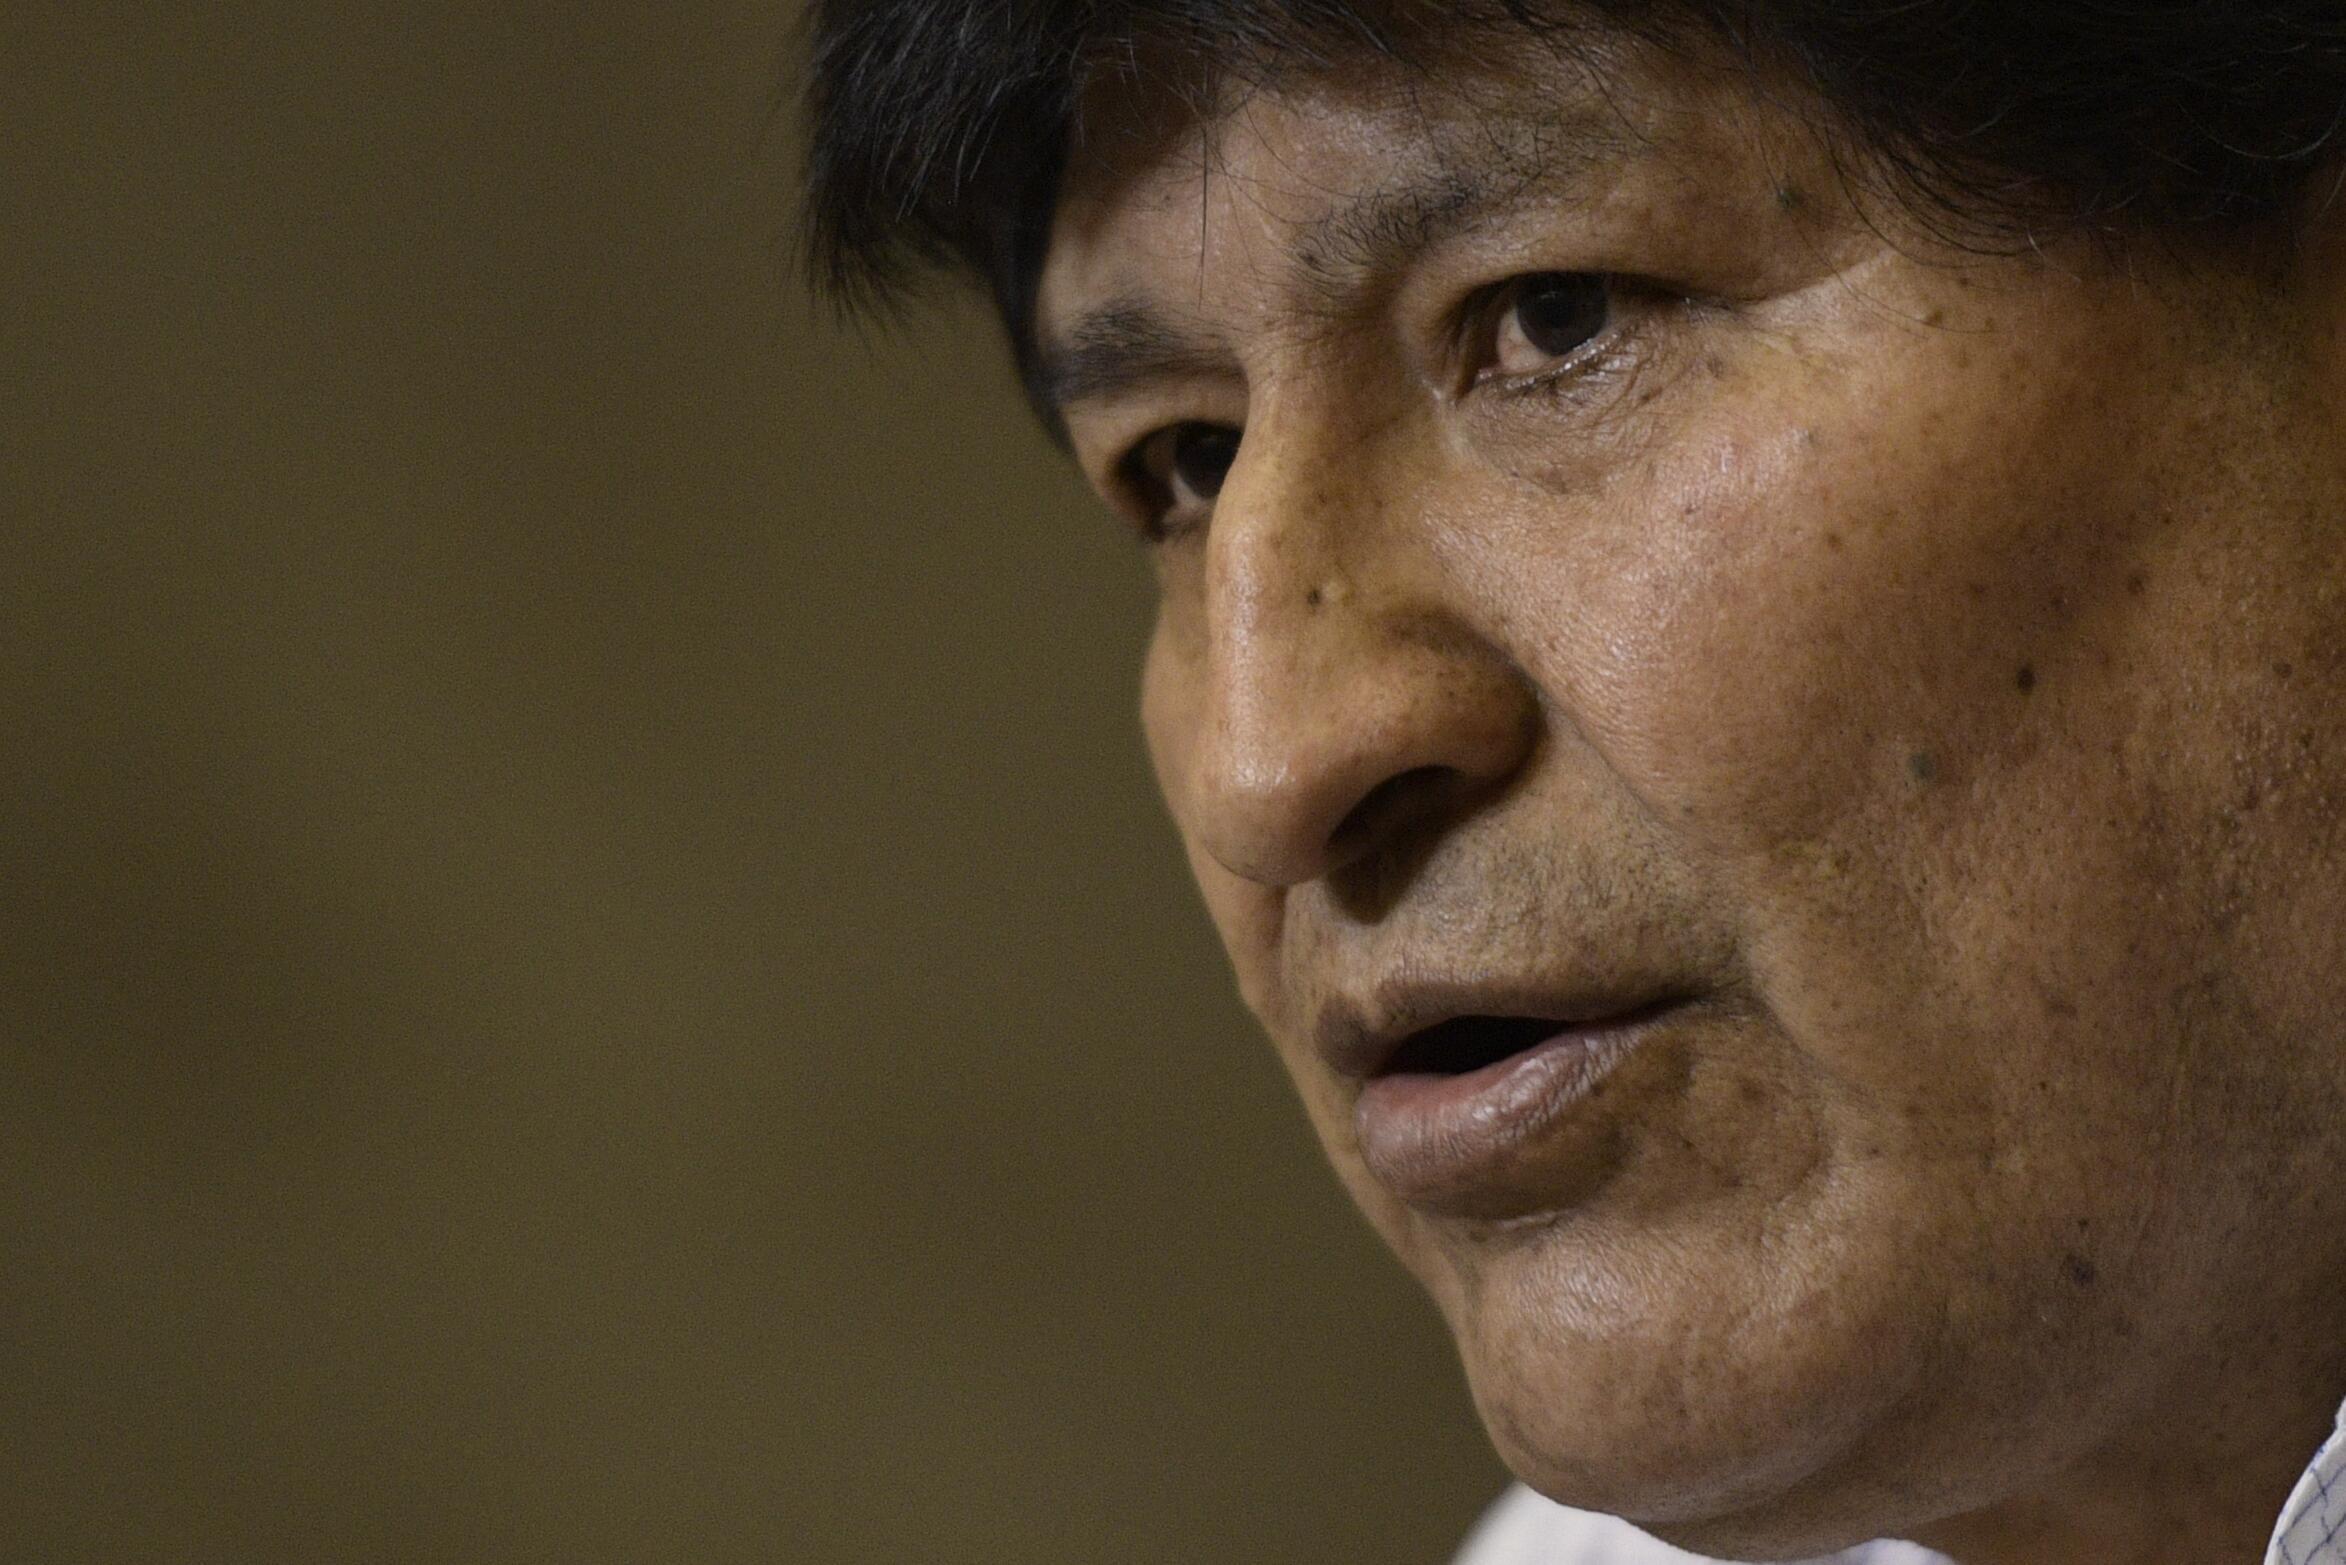 El expresidente de Bolivia Evo Morales, el 22 de octubre de 2020 durante una rueda de prensa celebrada en Buenos Aires